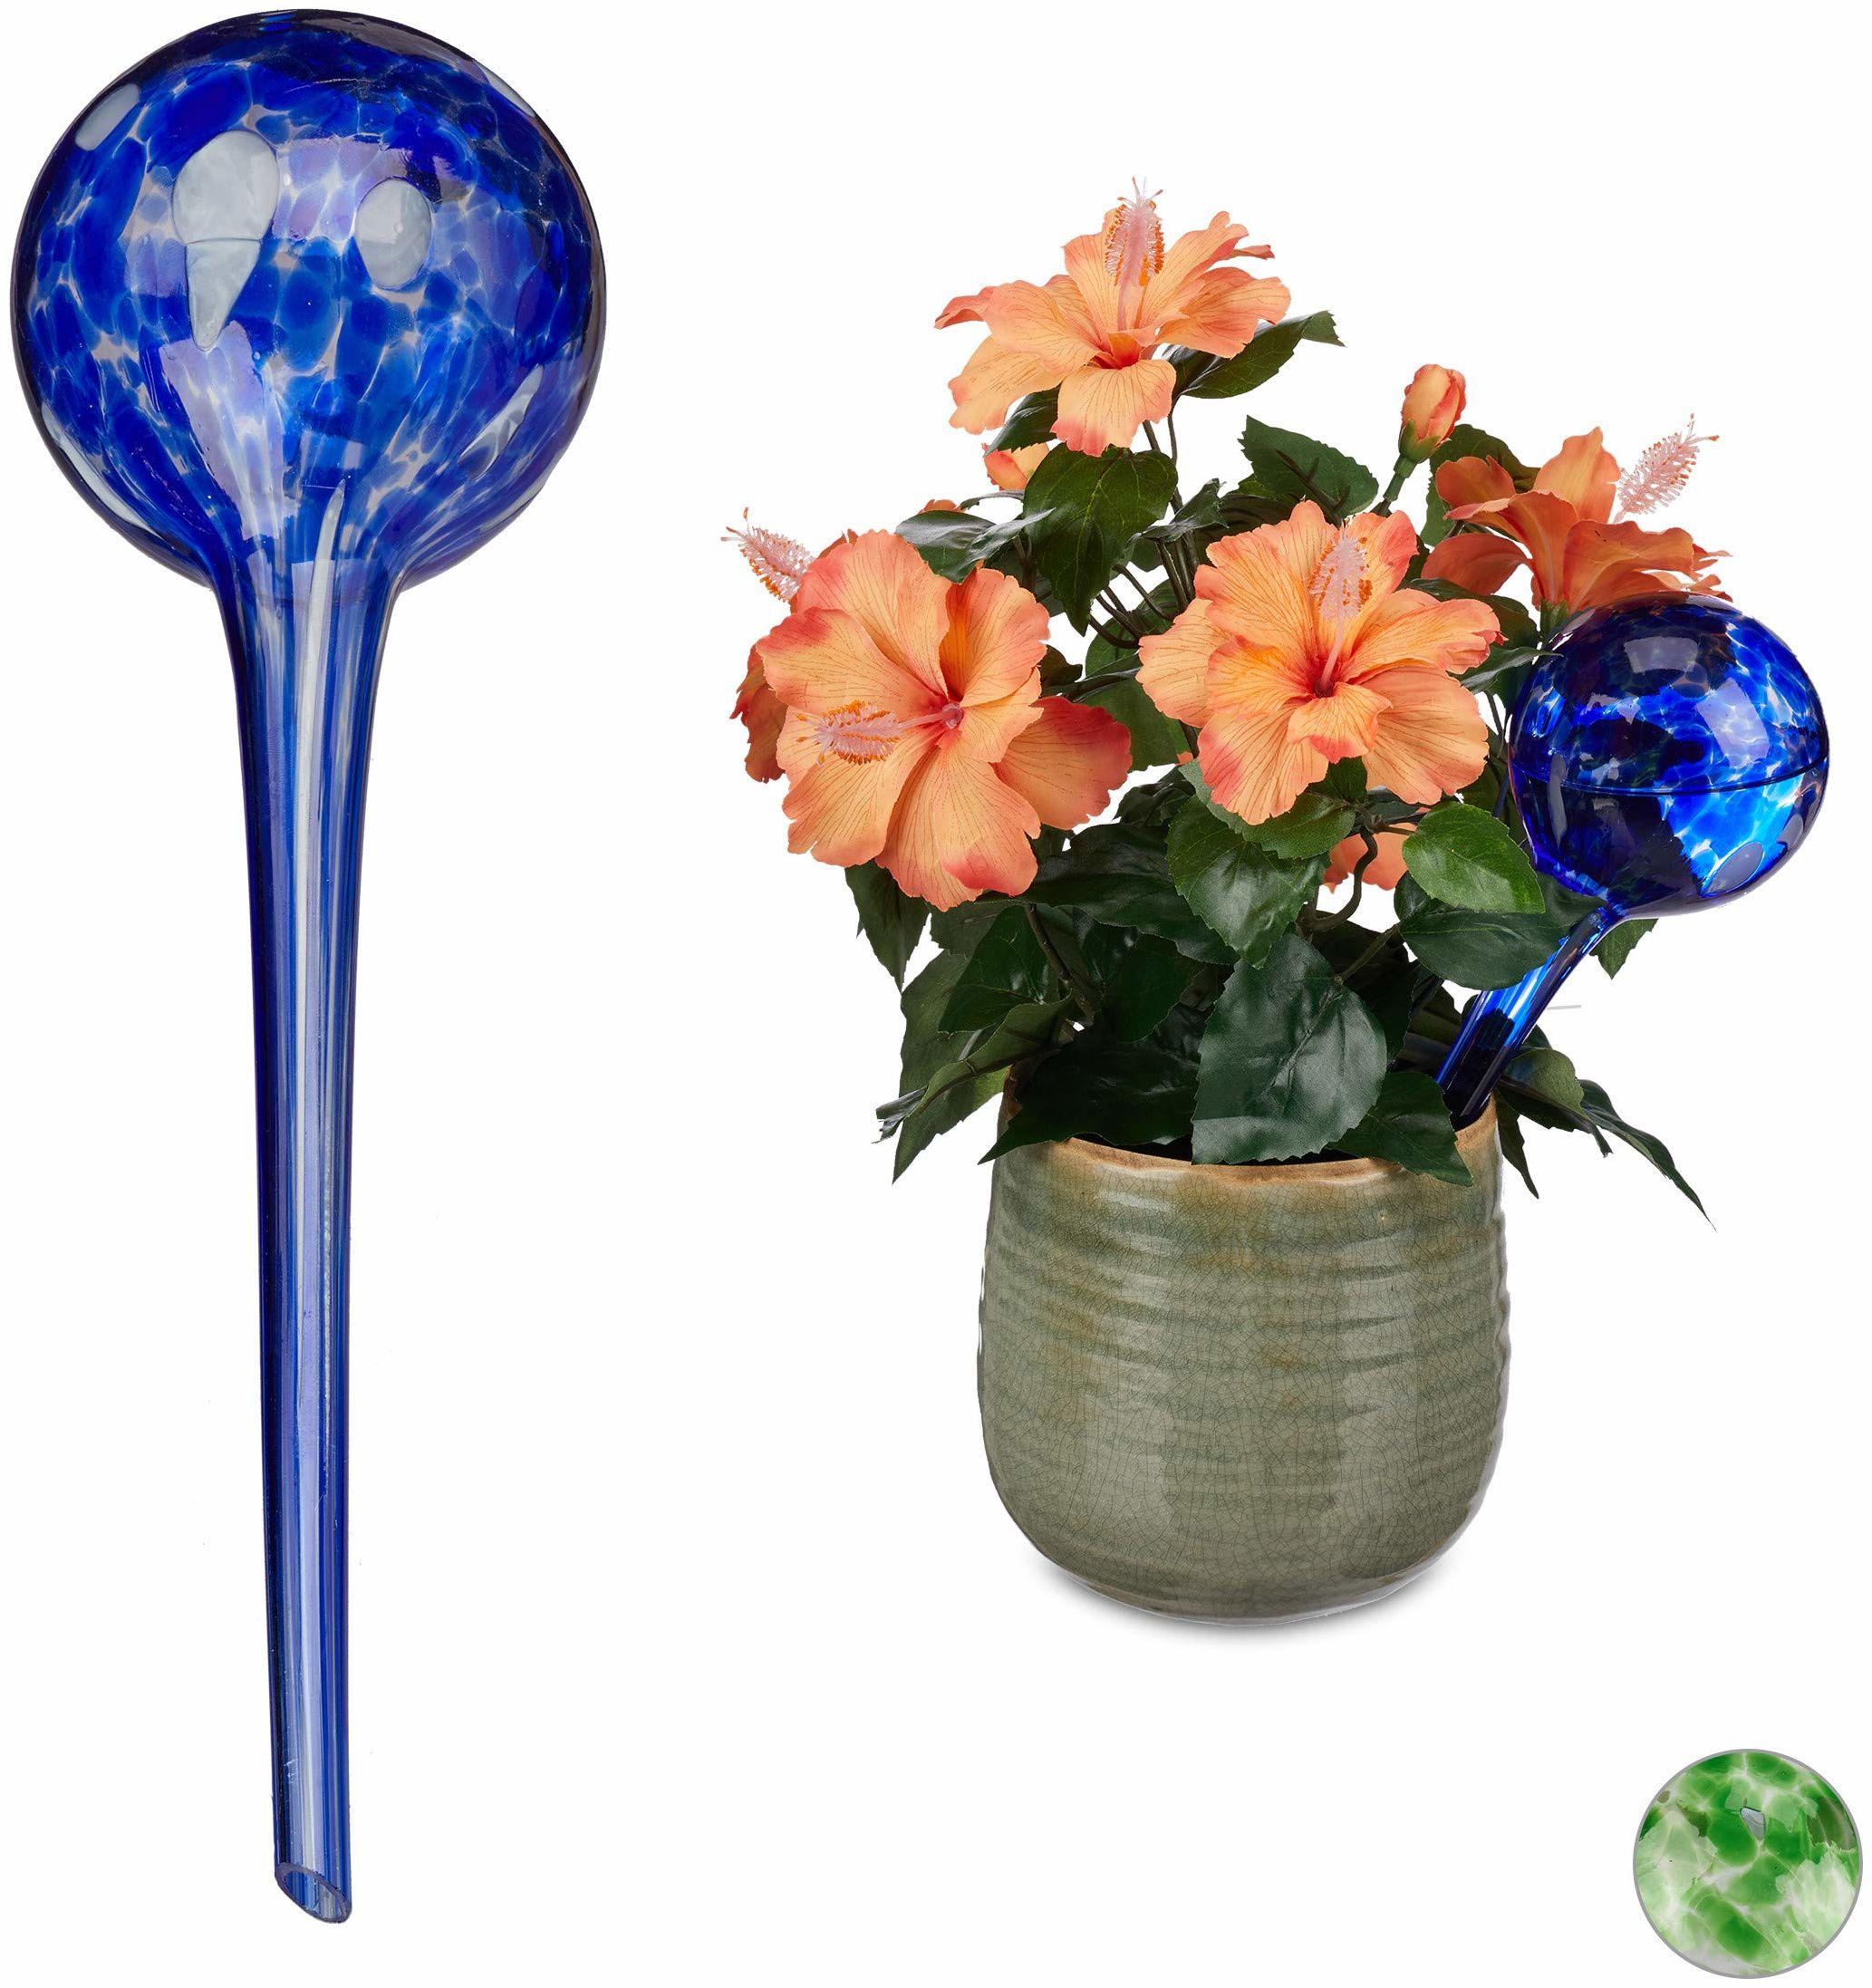 Relaxdays kule do nawadniania, regulowane nawadnianie roślin do biura i na święta, szkło, Ø9 cm, niebieski, zestaw 2 szt.